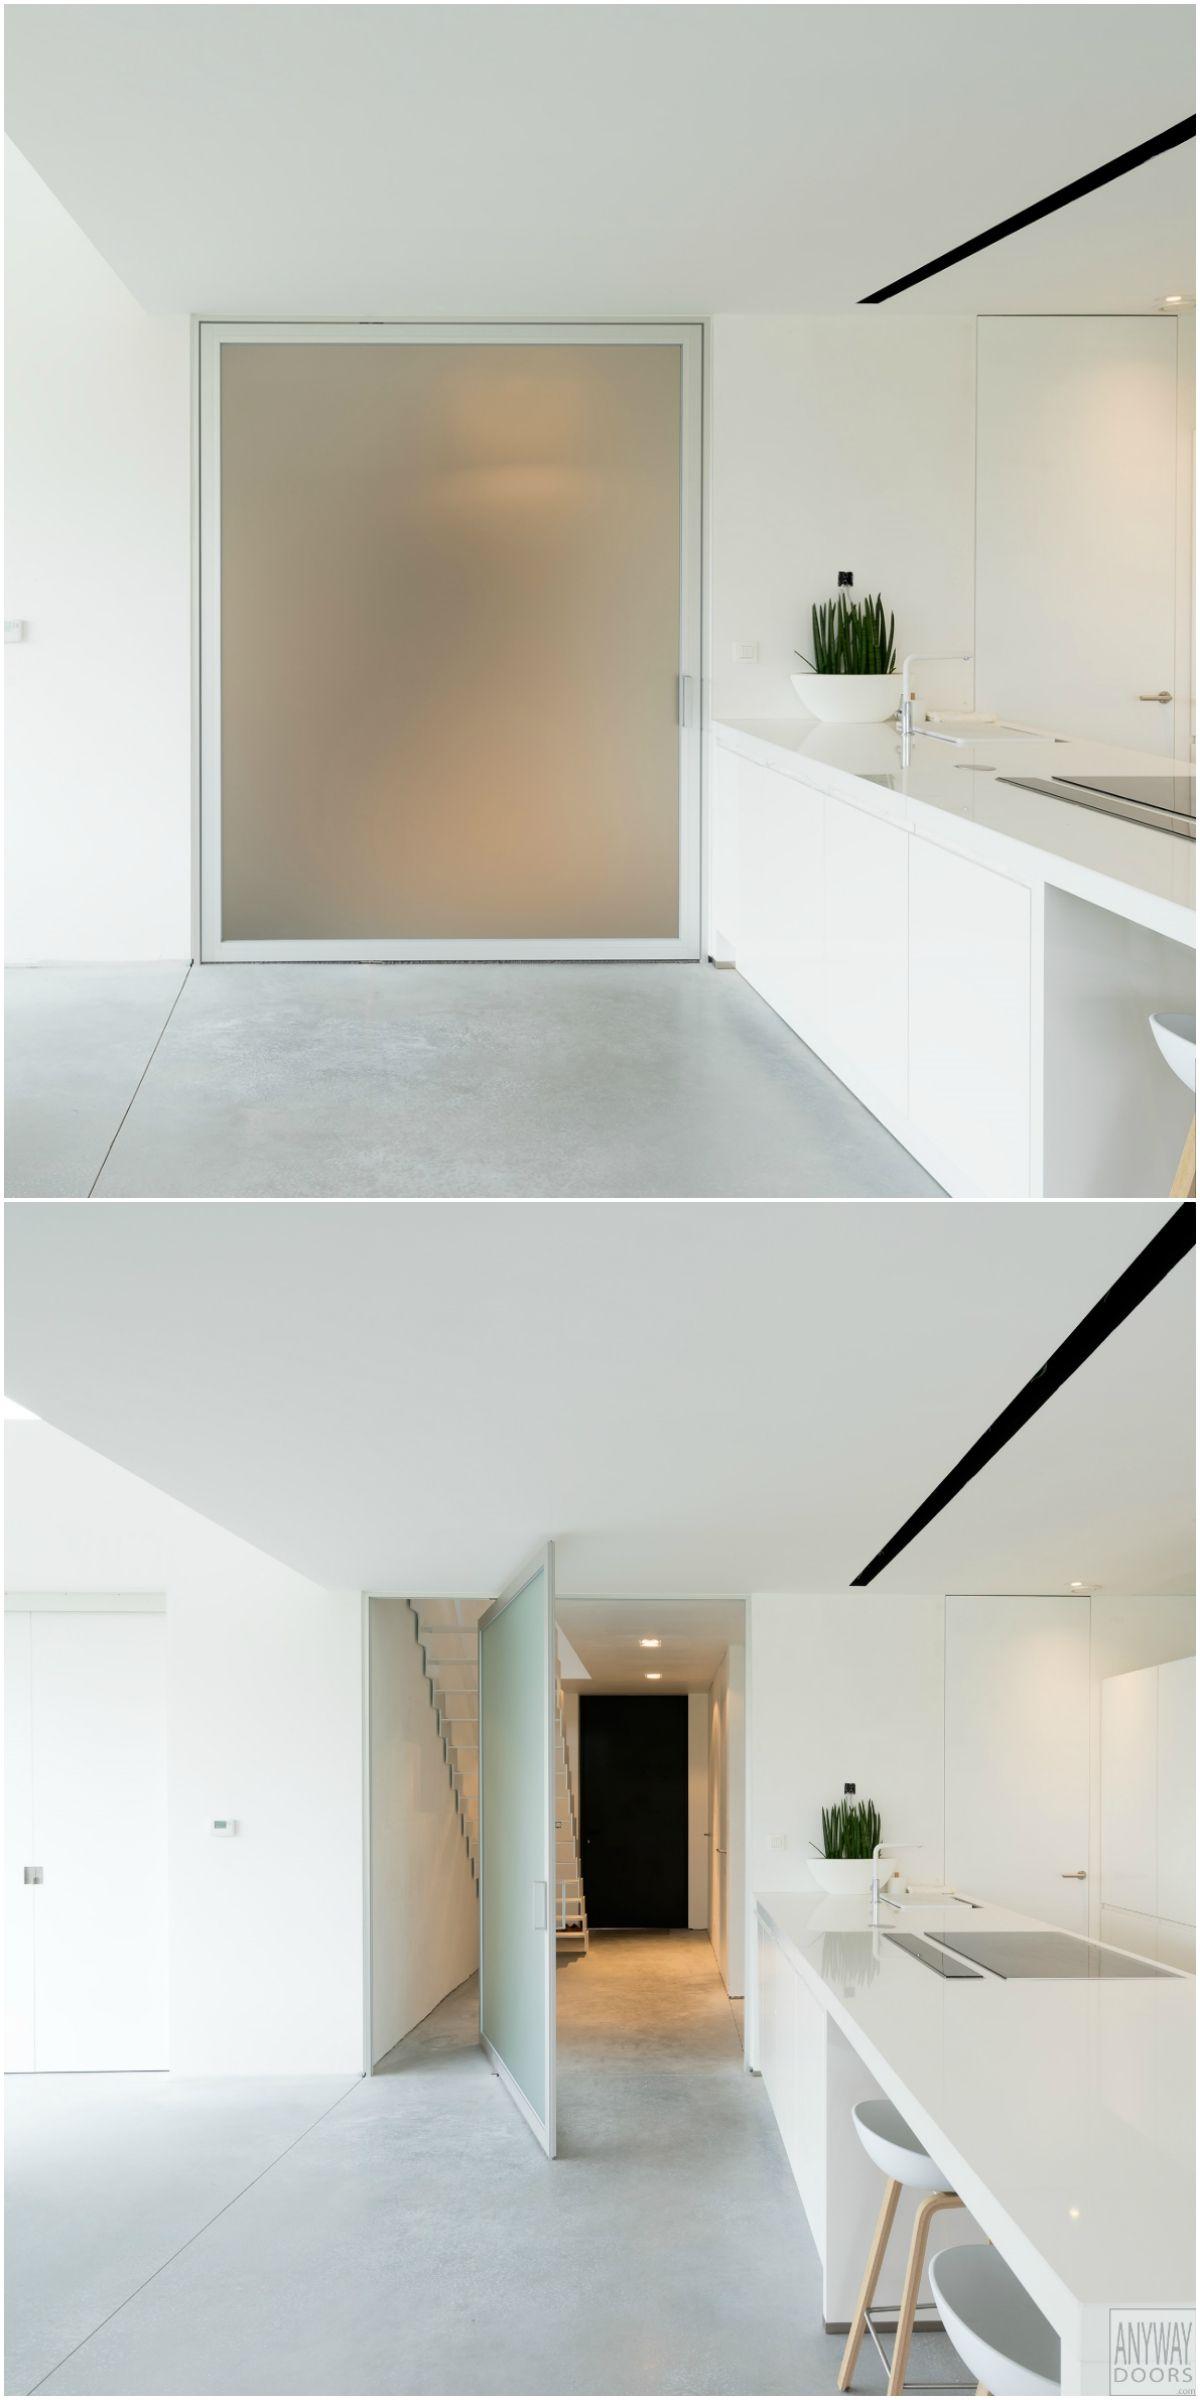 porte int rieure vitr e sur pivot m02 portes vitr es int rieures portes et porte vitr e. Black Bedroom Furniture Sets. Home Design Ideas